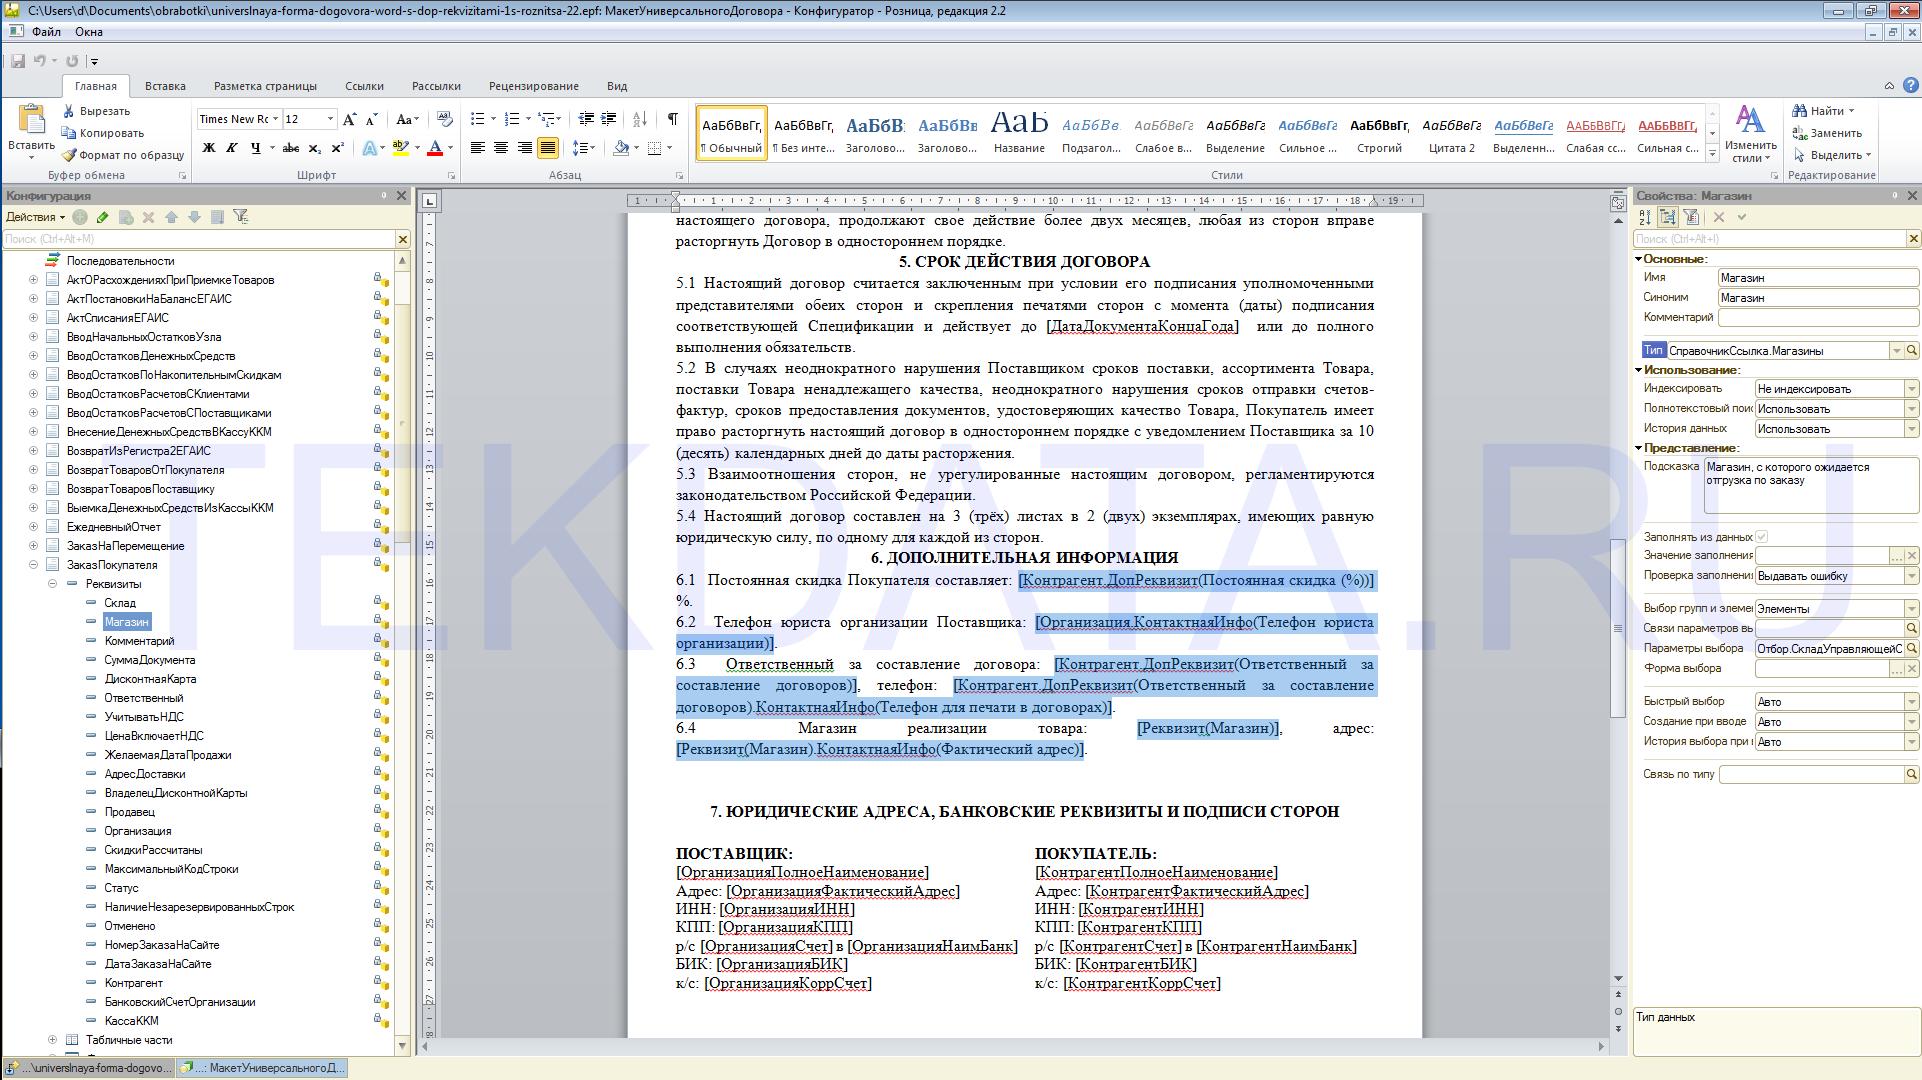 Универсальная печатная форма договора в формате Word с выводом доп. реквизитов для 1С:Розница 2.2 (внешняя обработка *.epf) | tekdata.ru